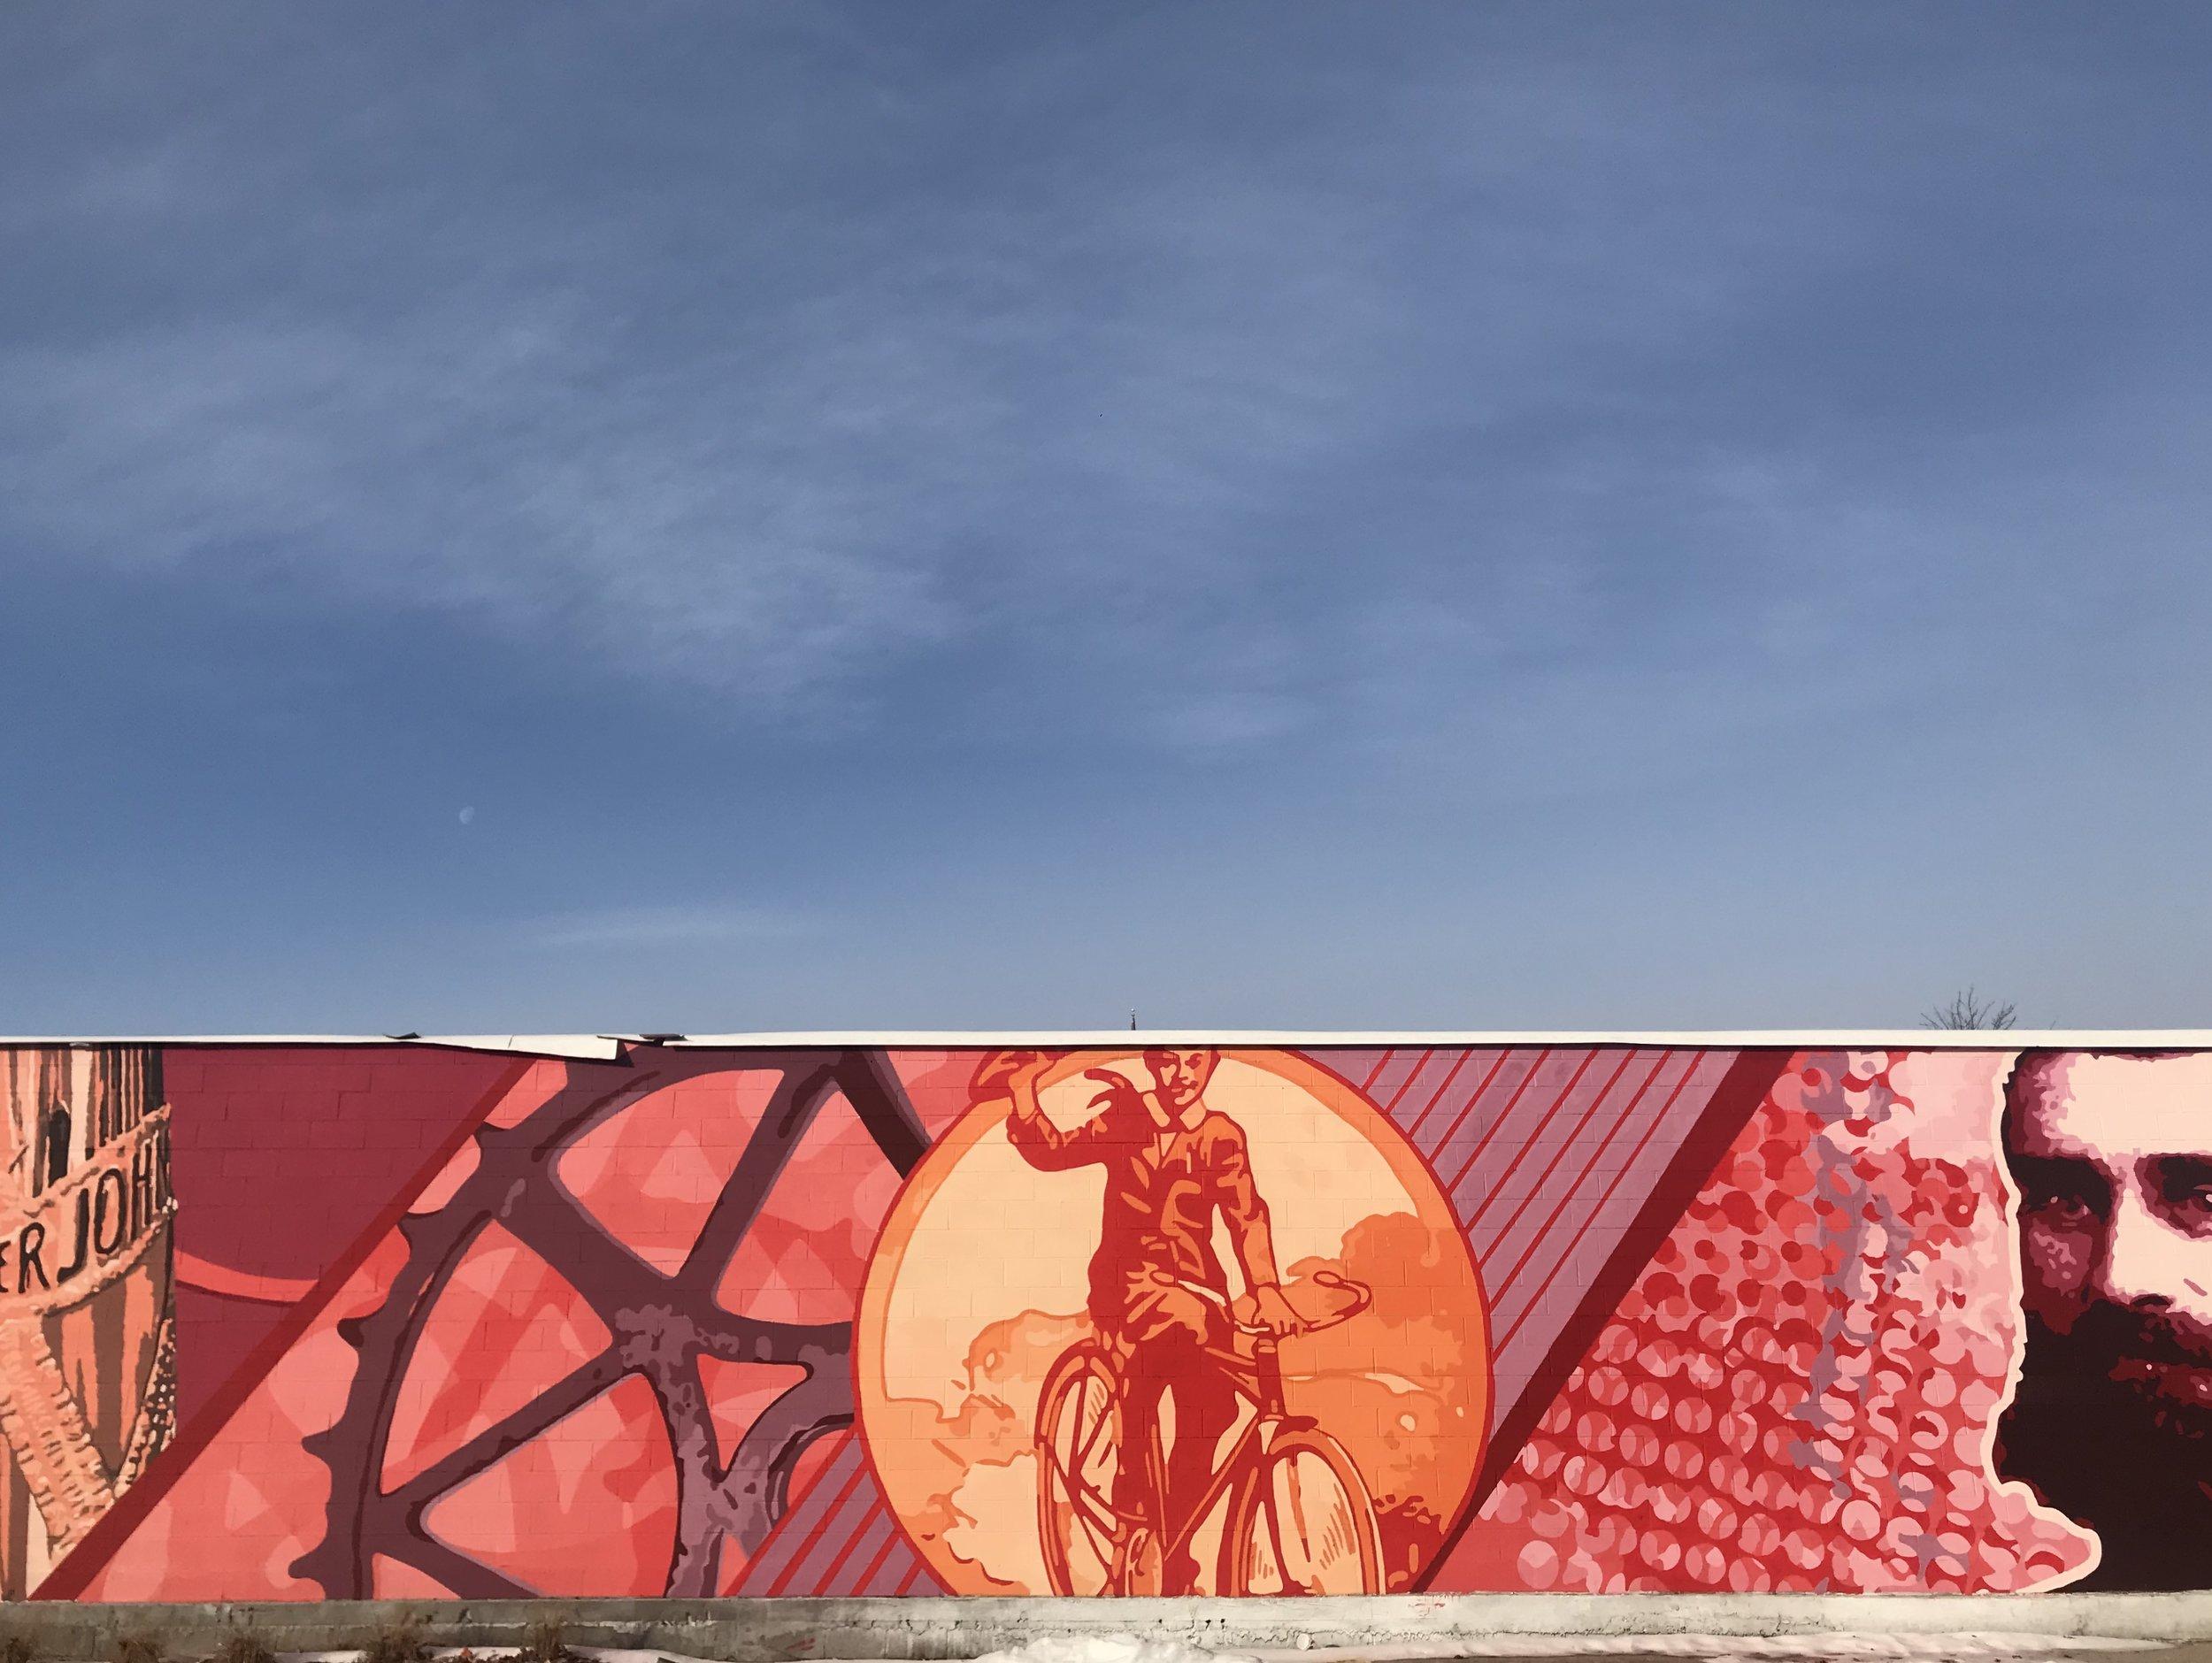 Iver Johnson mural in full view